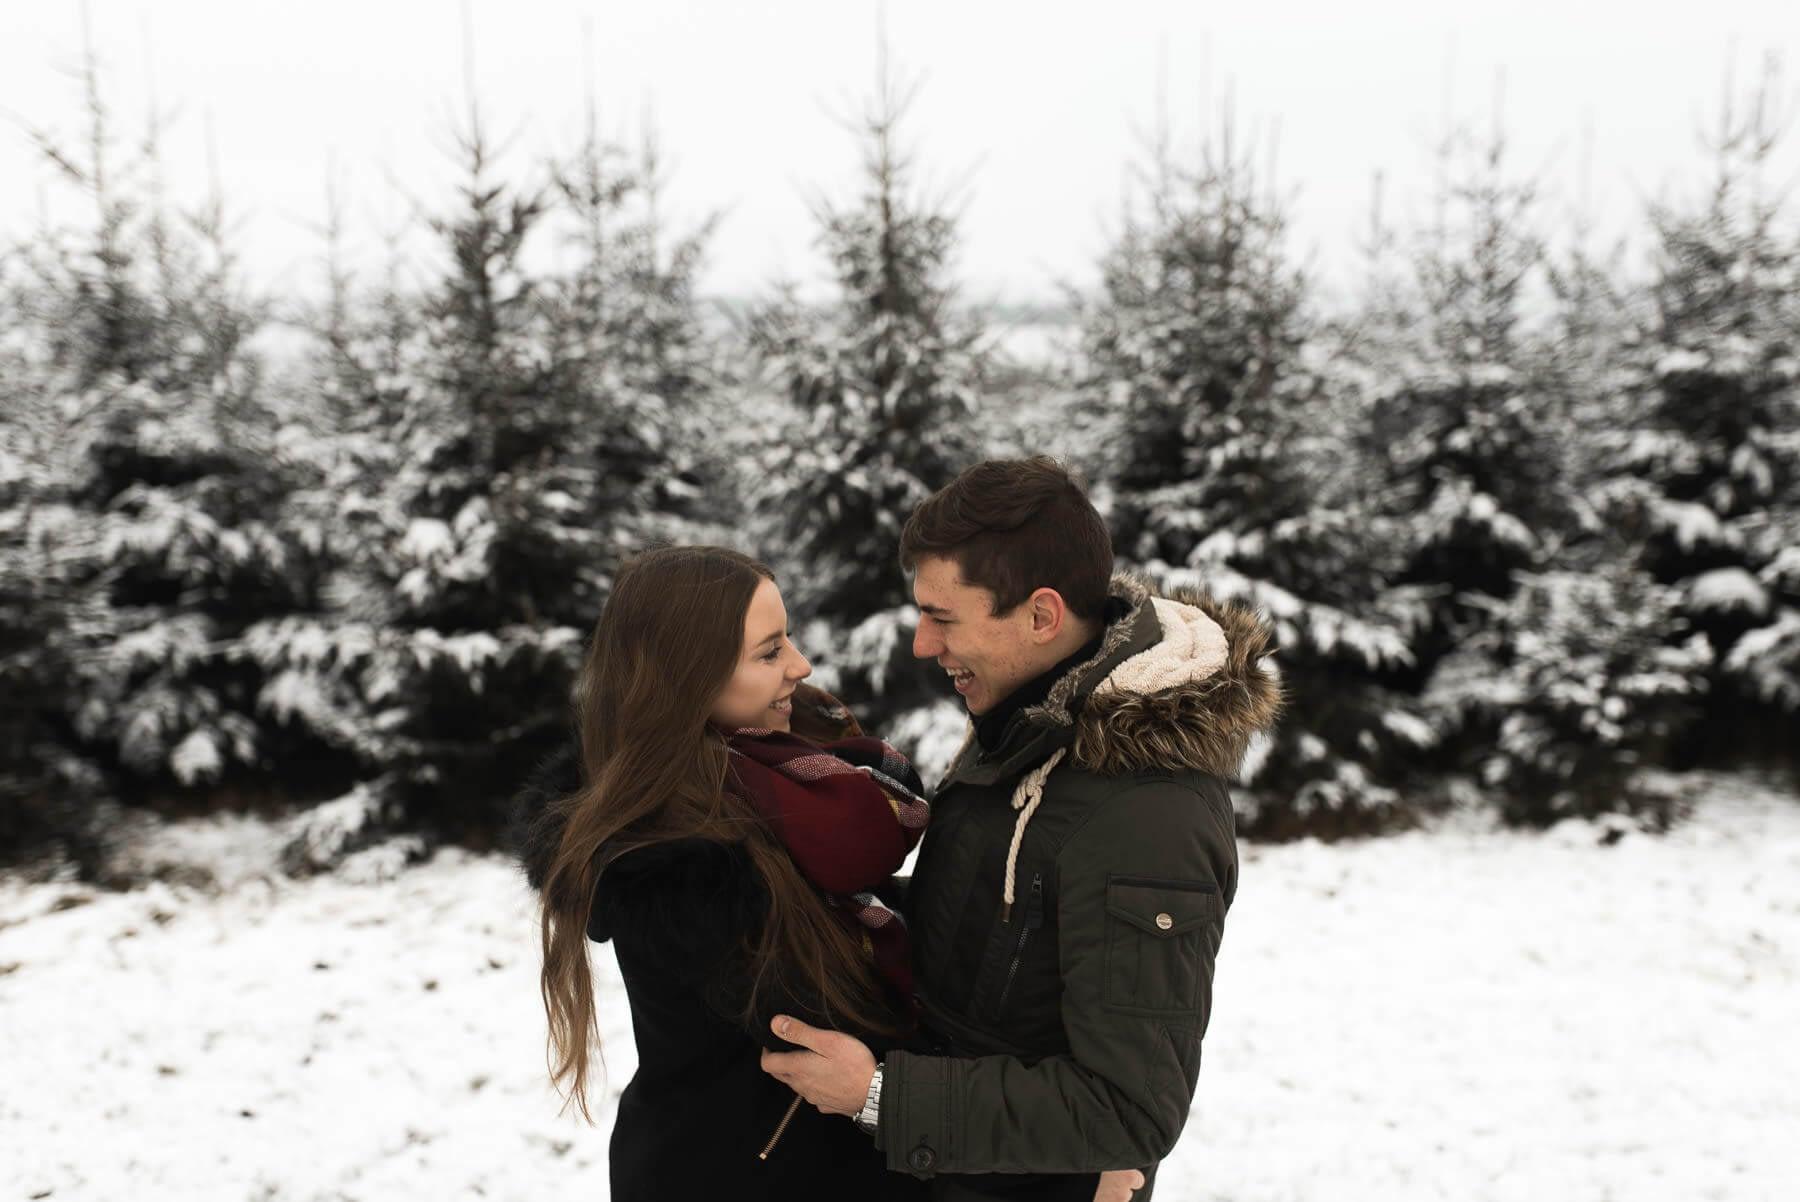 Verliebtes Paar lachend im Schnee vor Nadelwald mit Umarmung